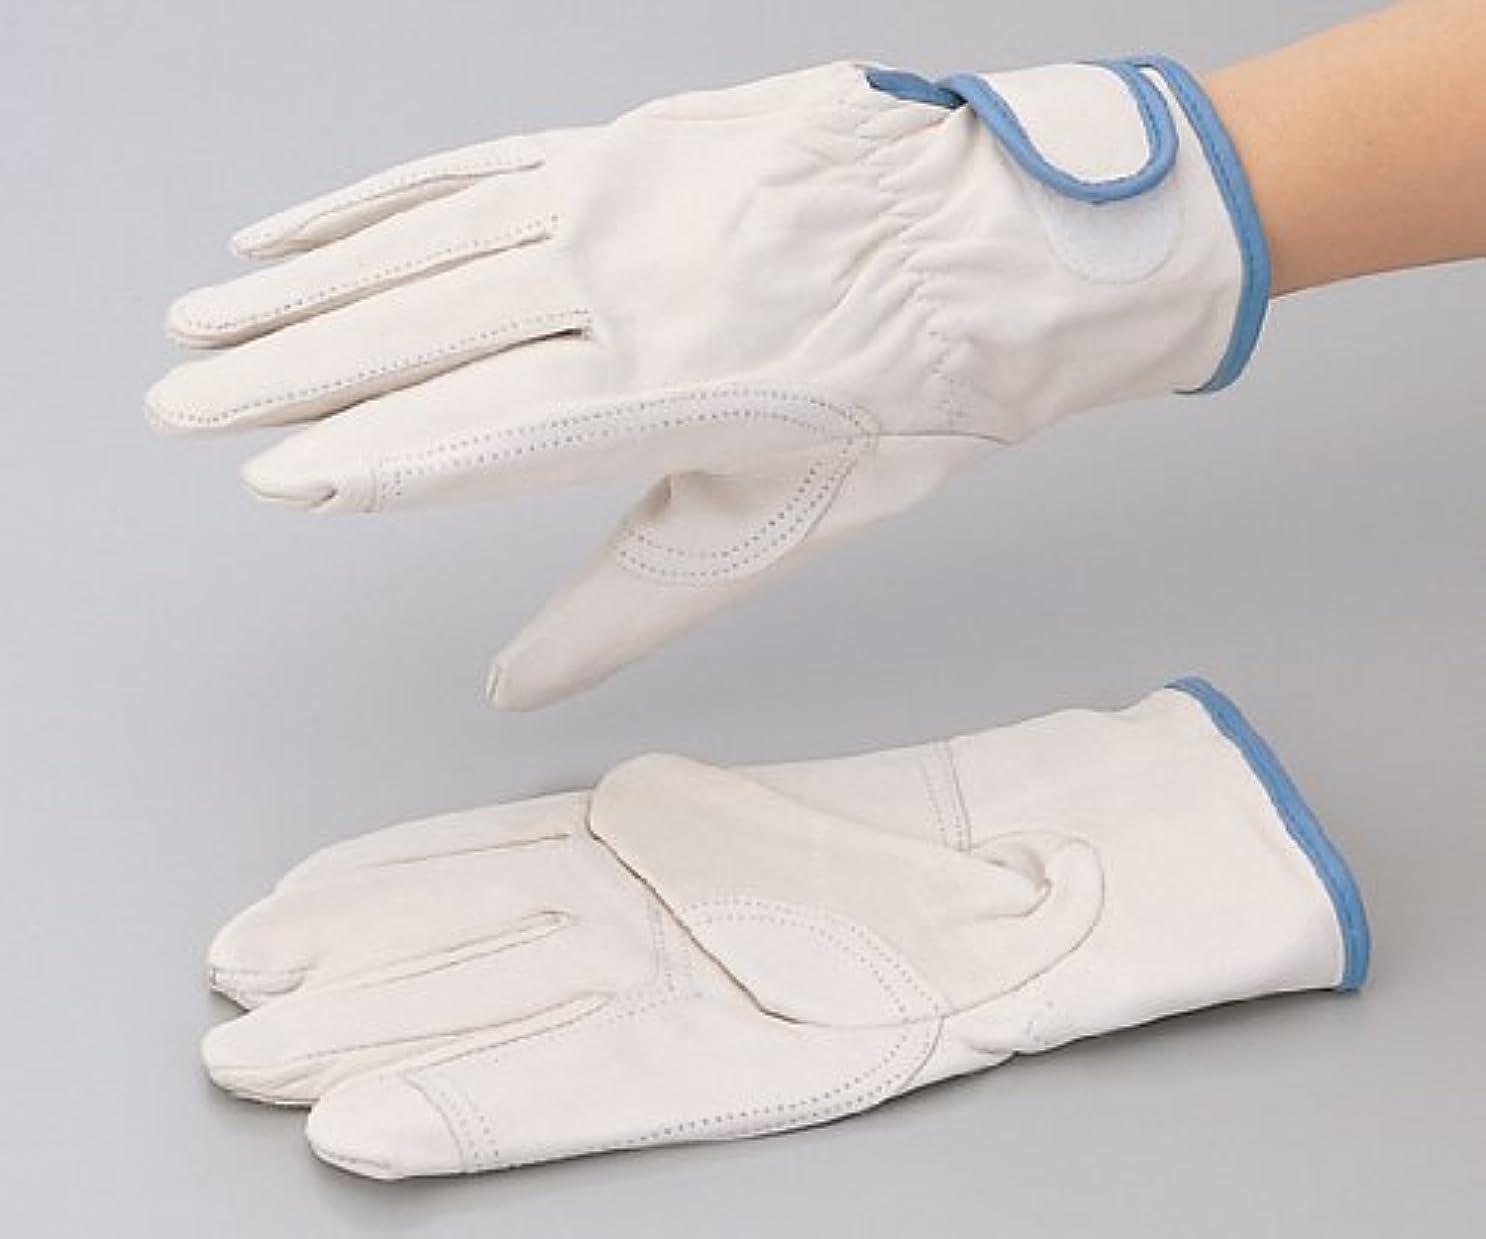 レキシコン公式水没レスキュータイプ皮手袋 200YP M